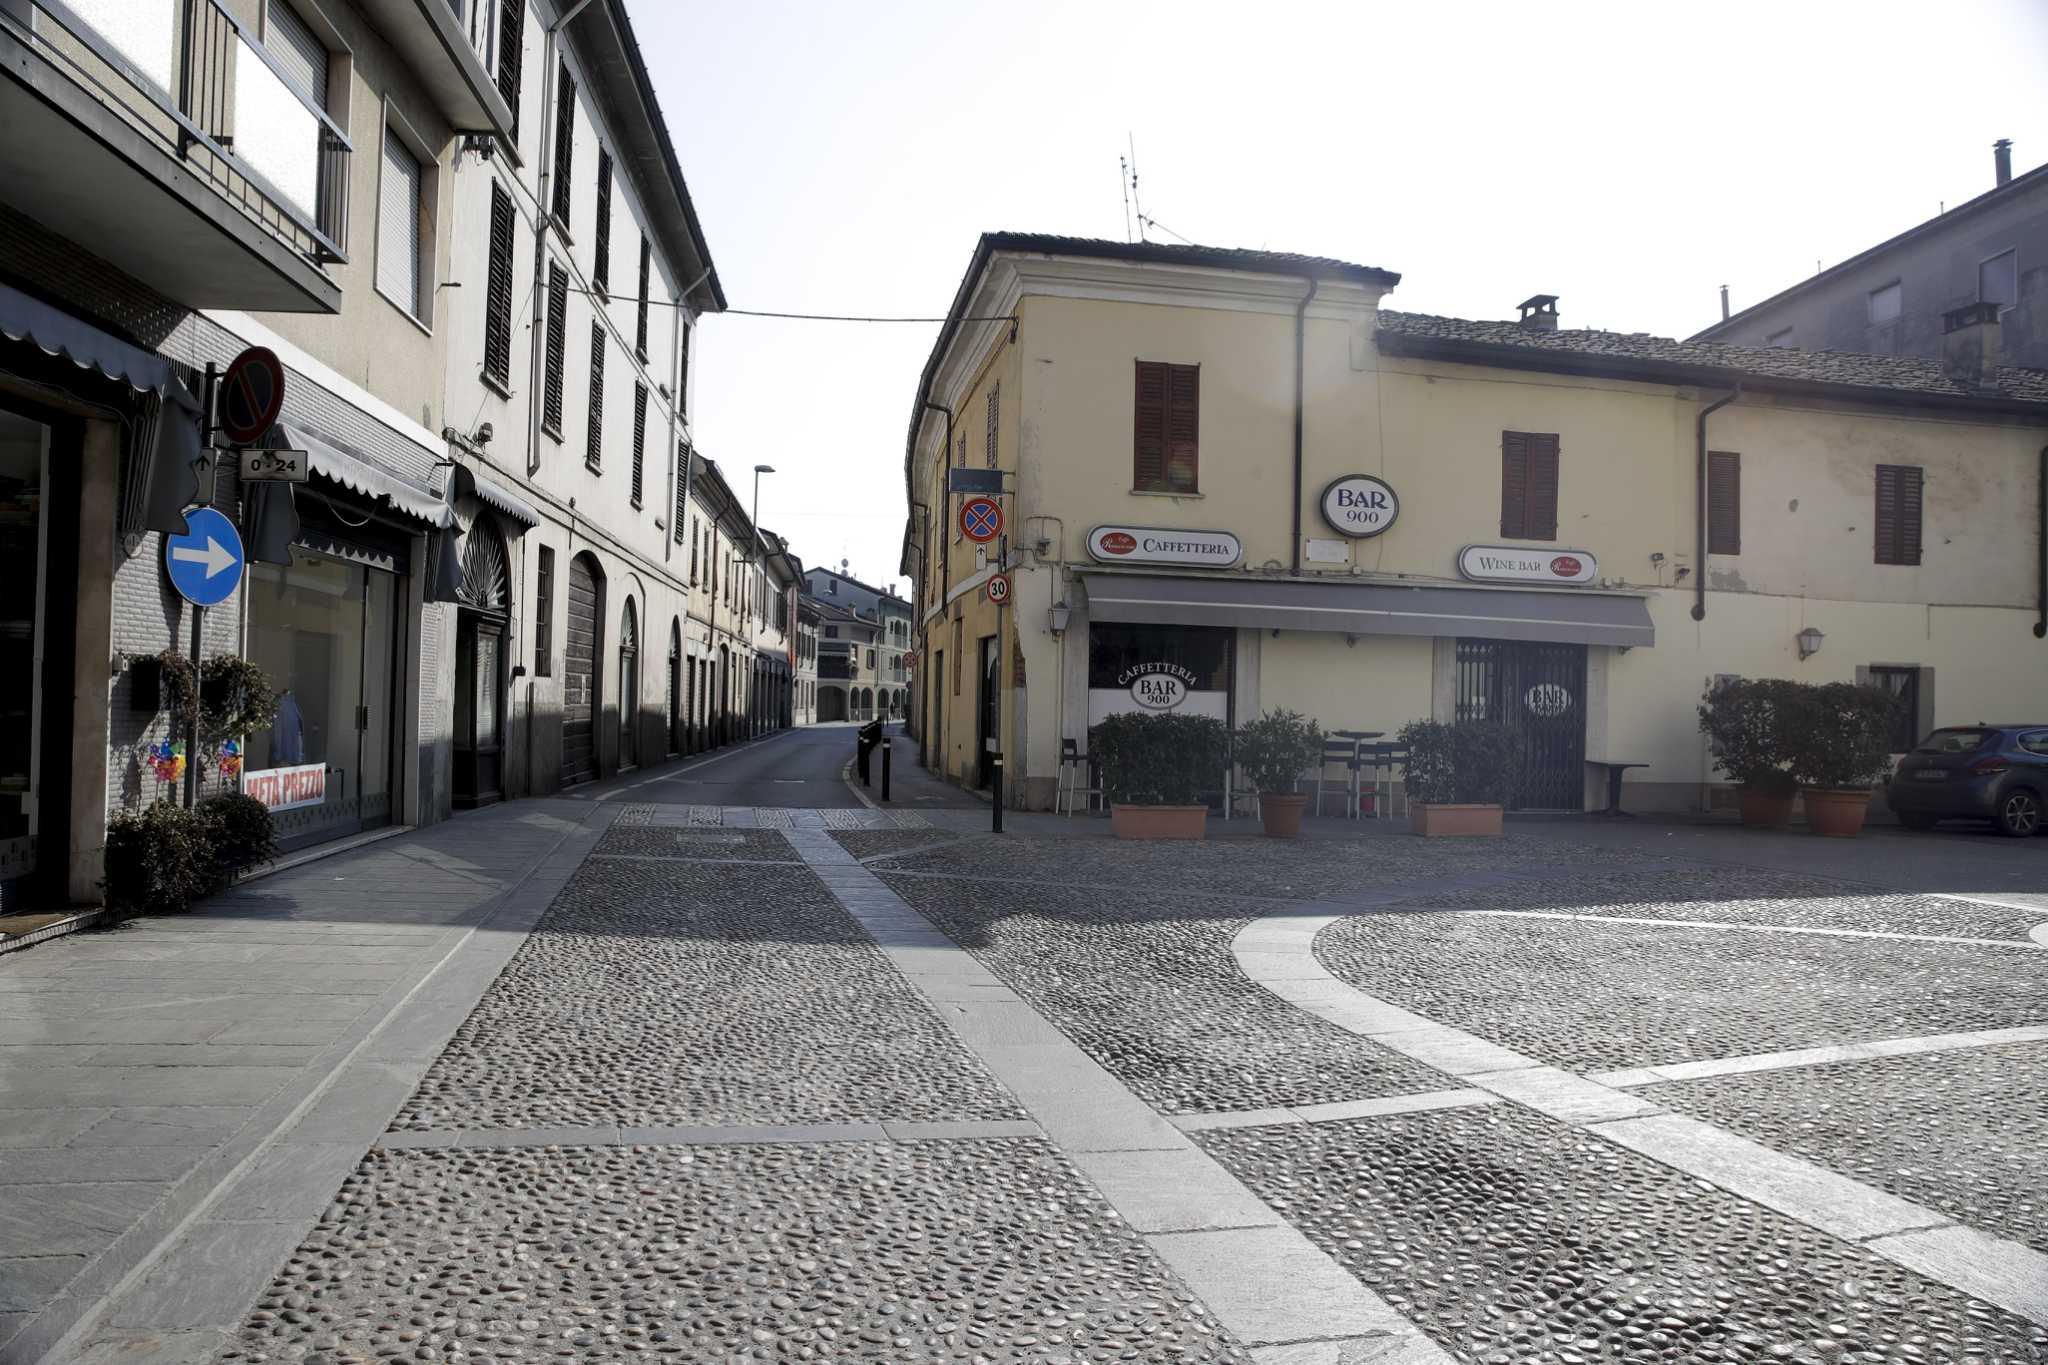 Tình hình dịch bệnh Corona tại Ý